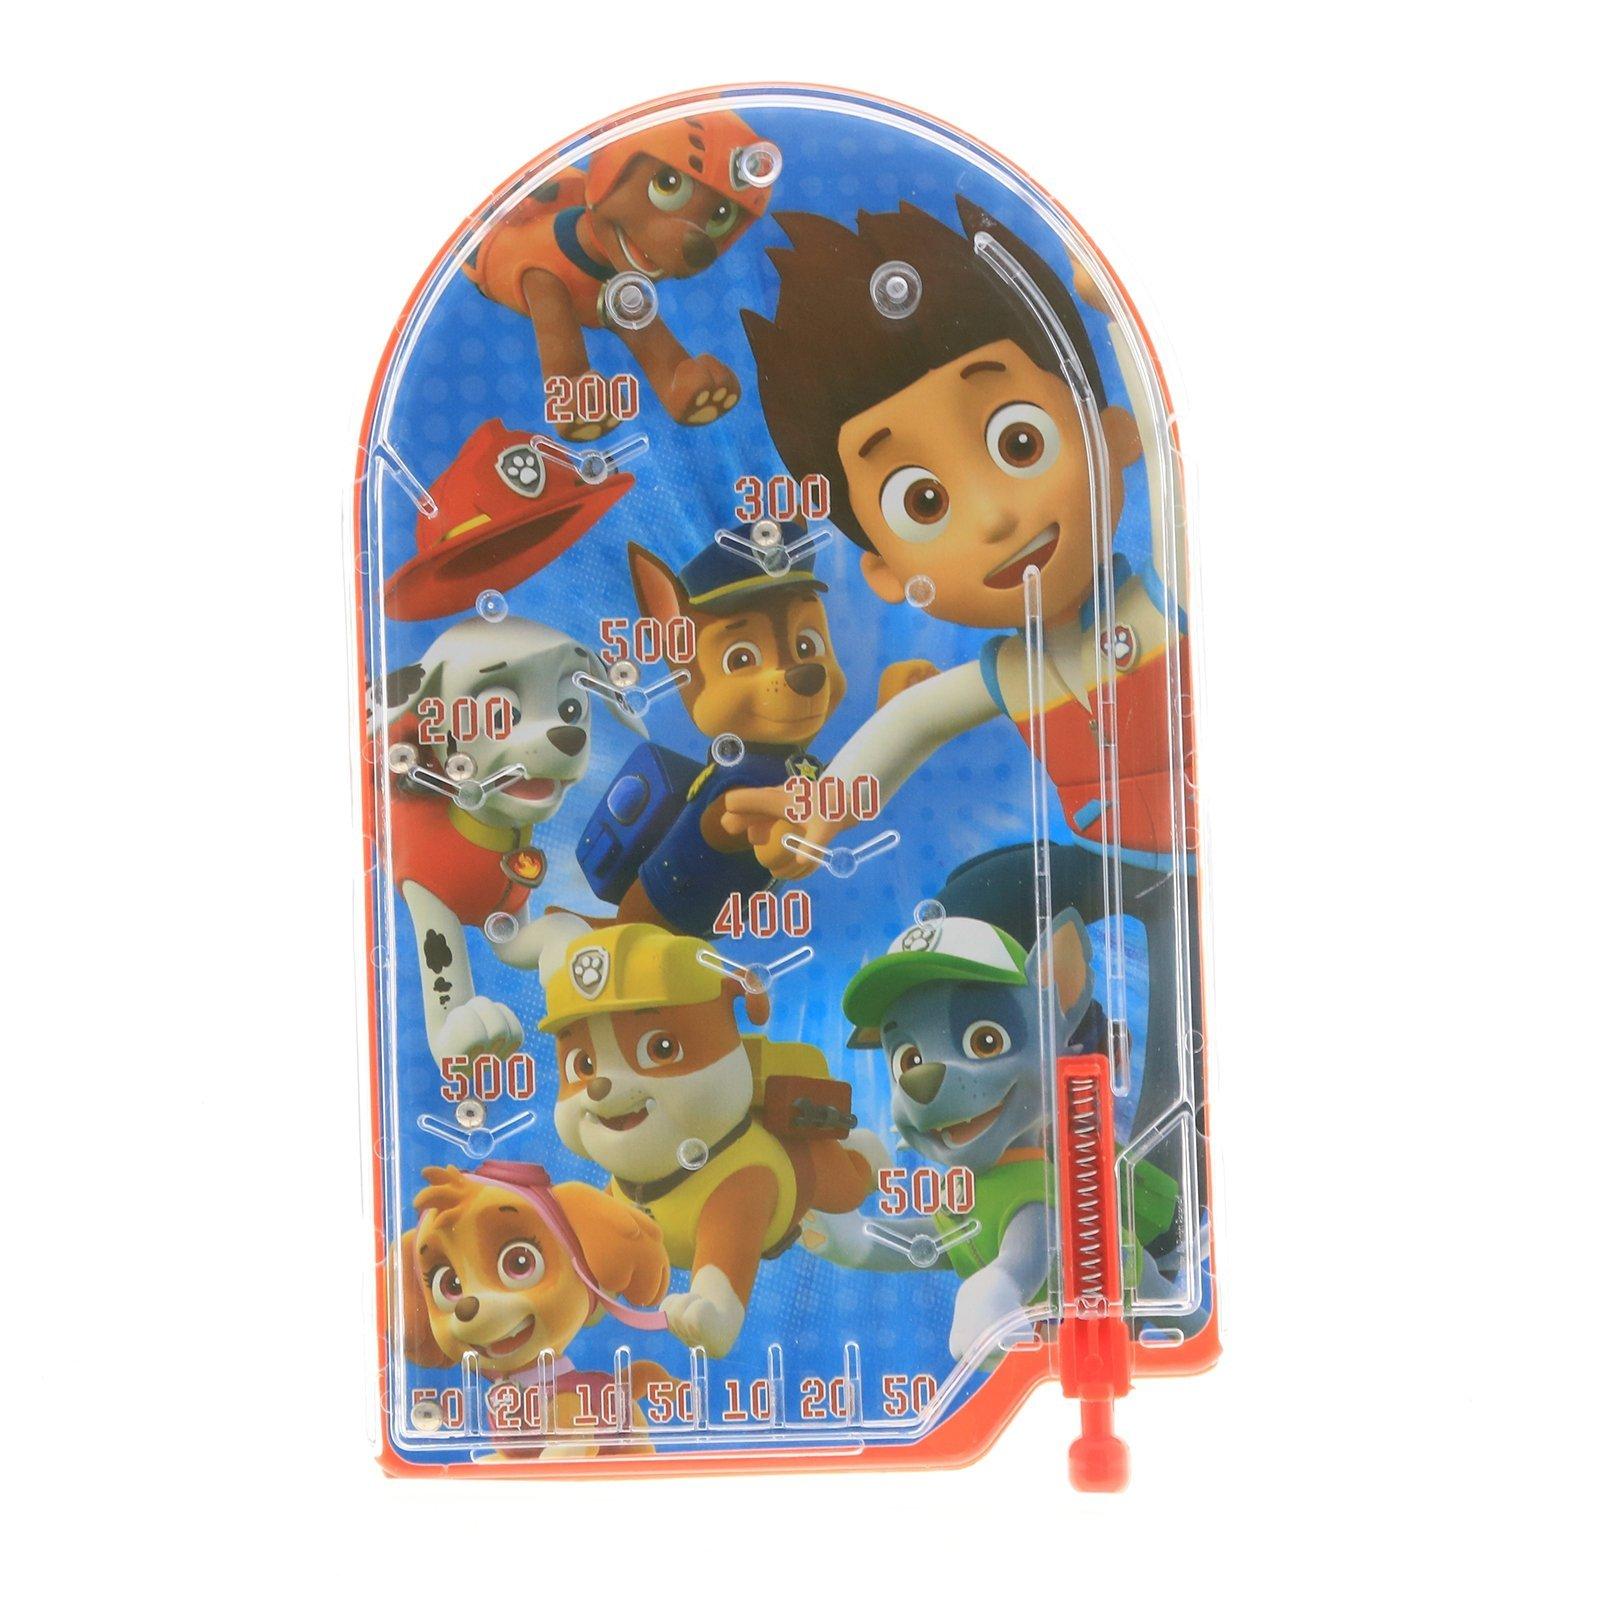 Nickelodeon Paw Patrol Boys Handheld Pinball Game Travel Toy Stocking Stuffer